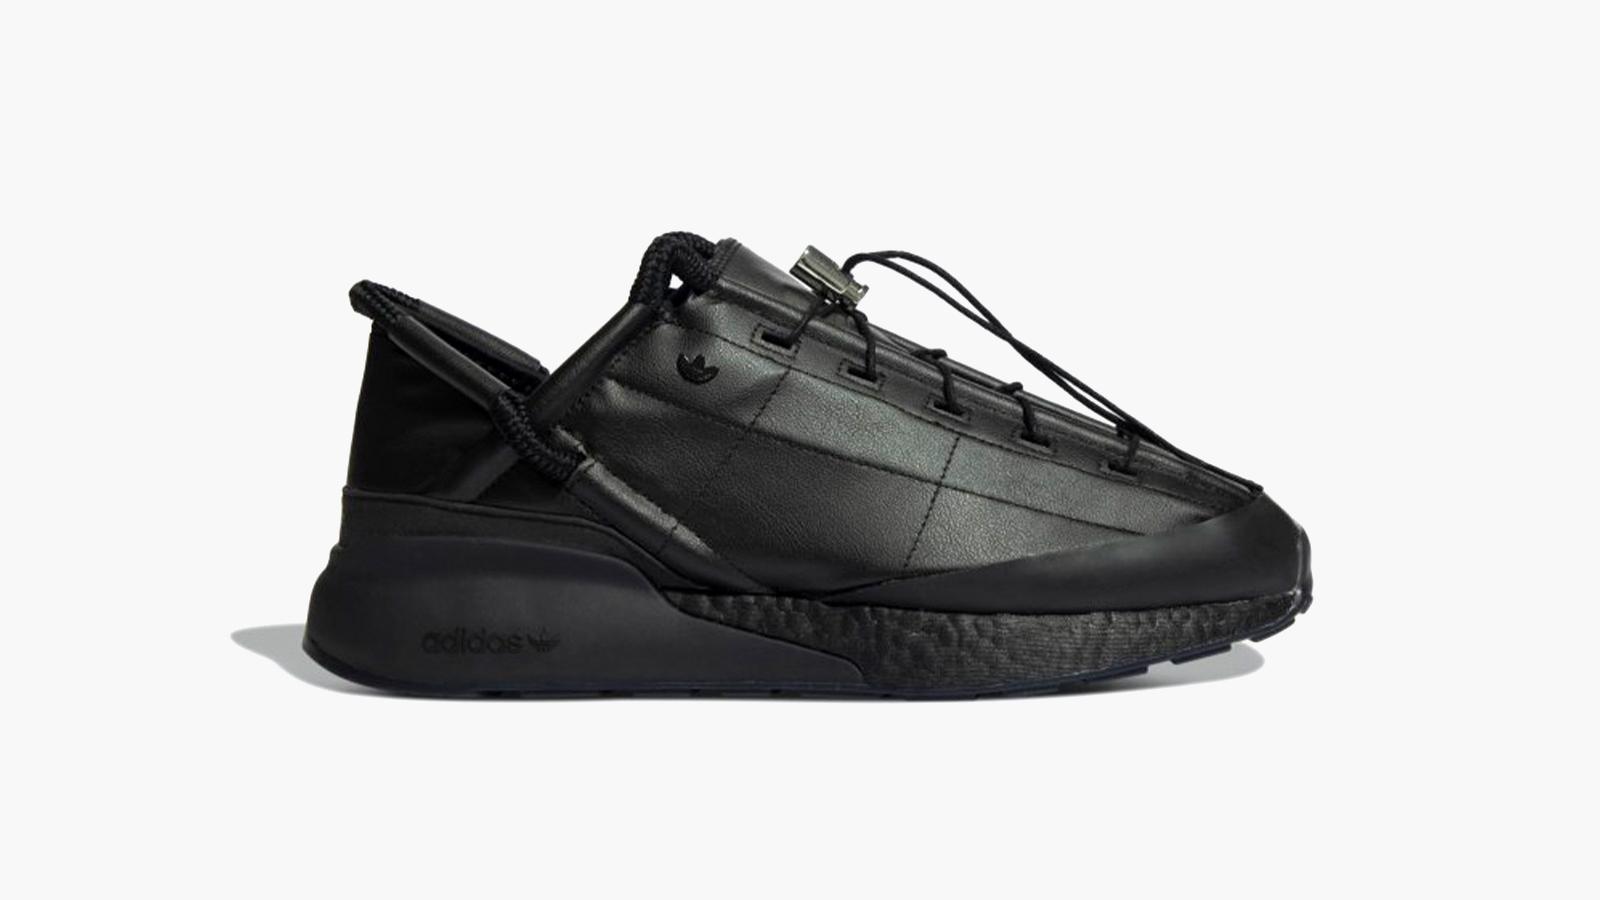 adidas Originals x Craig Green ZX 2K Phormar II Shoes